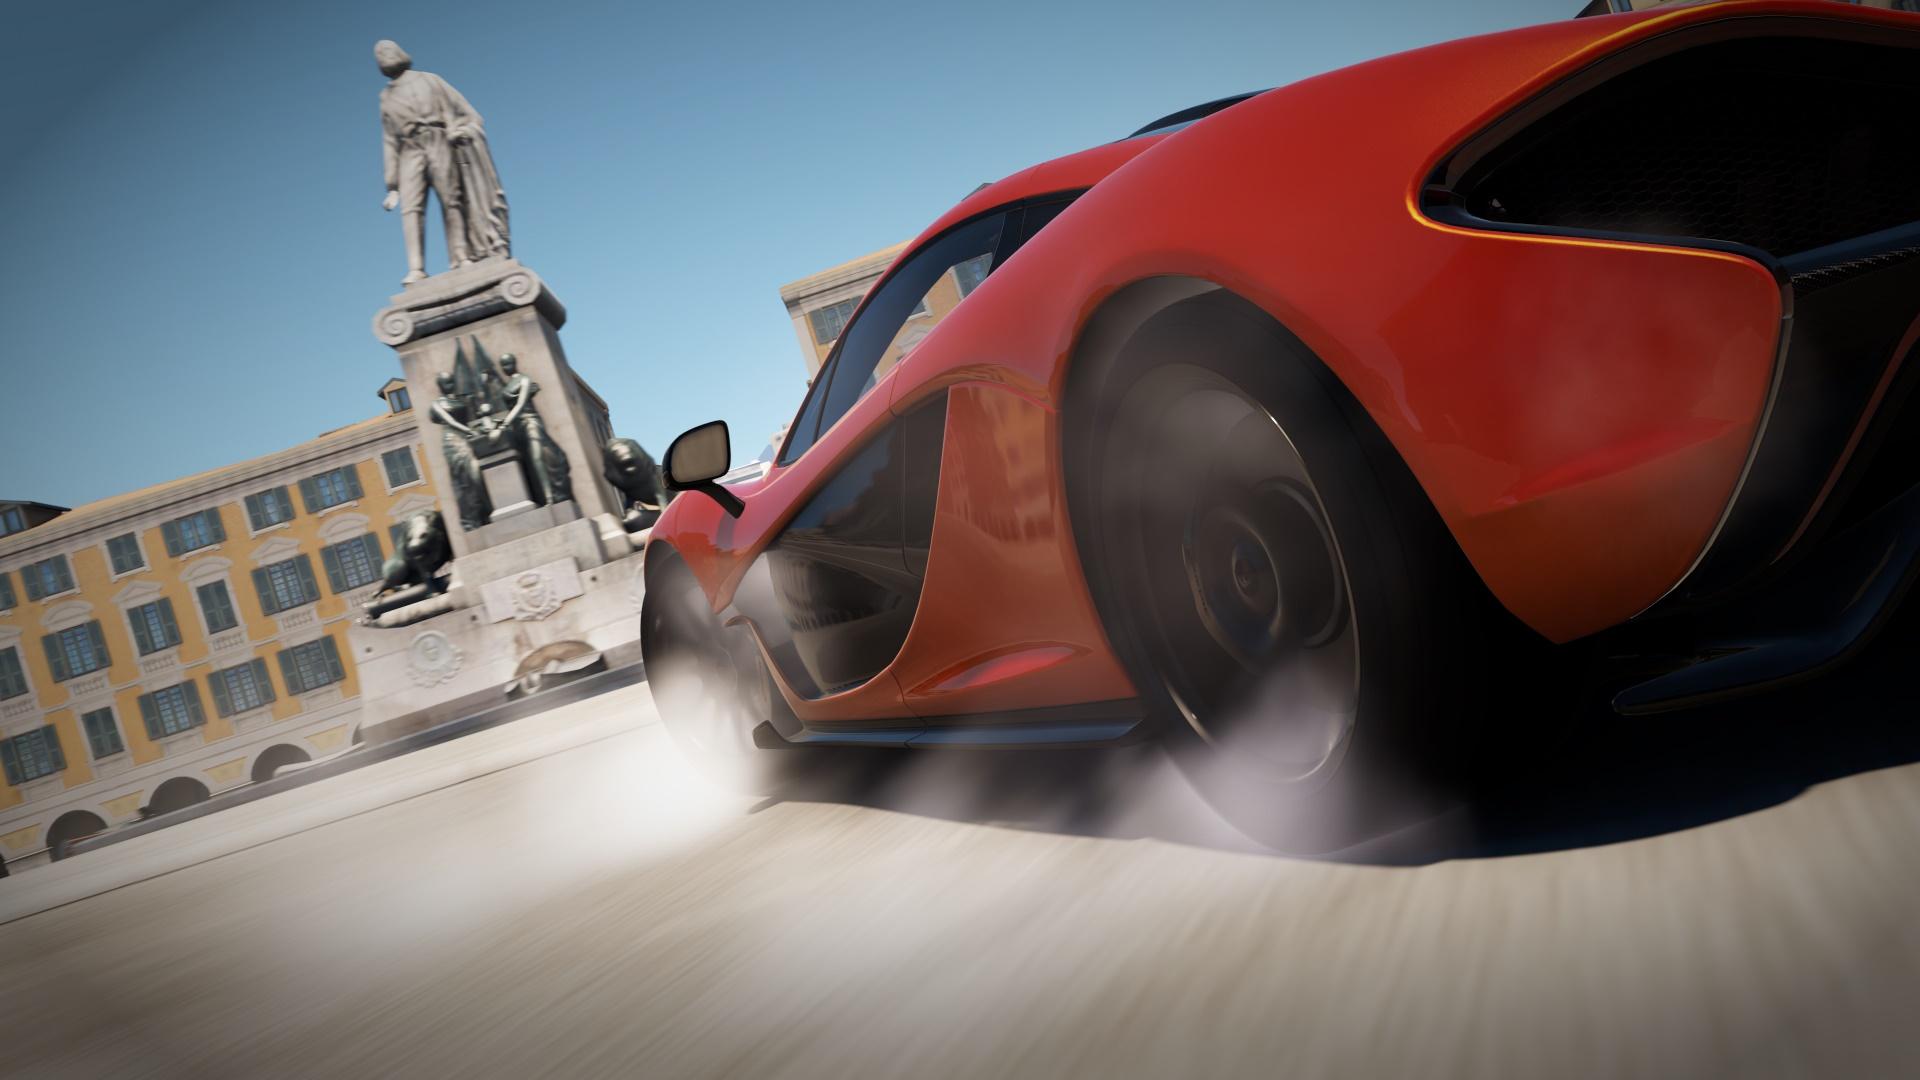 McLaren P1 Drift HD Wallpaper | Background Image ...